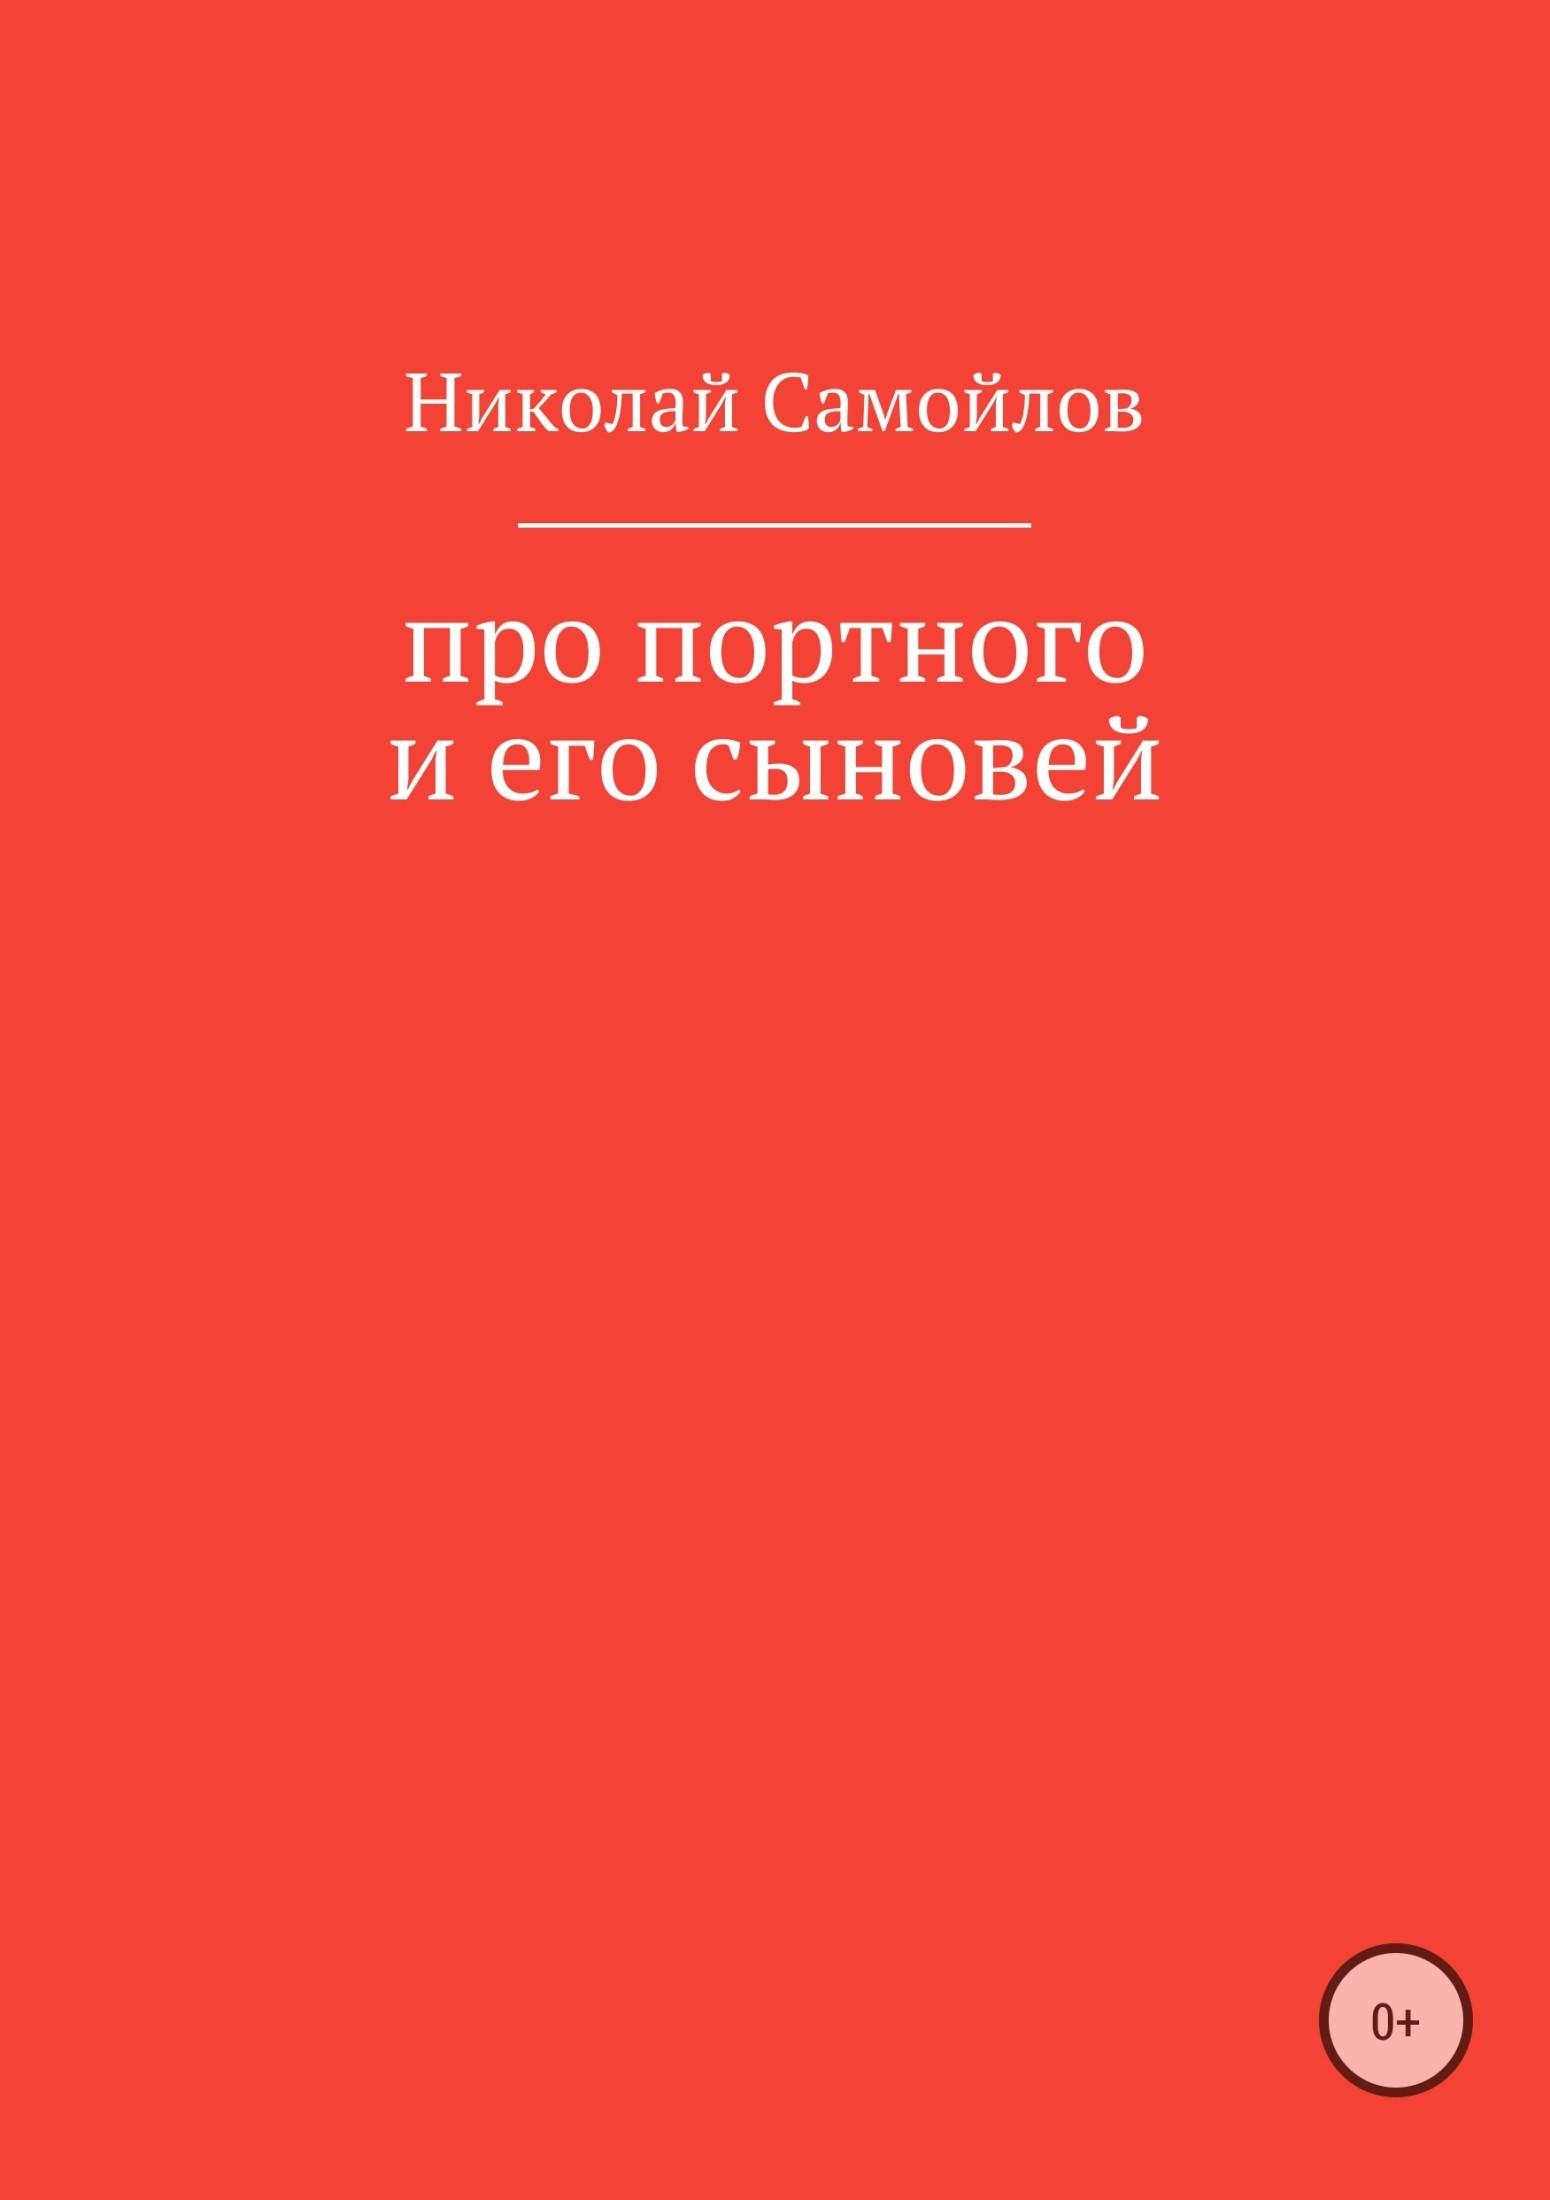 Николай Николаевич Самойлов Про портного и его сыновей цена и фото